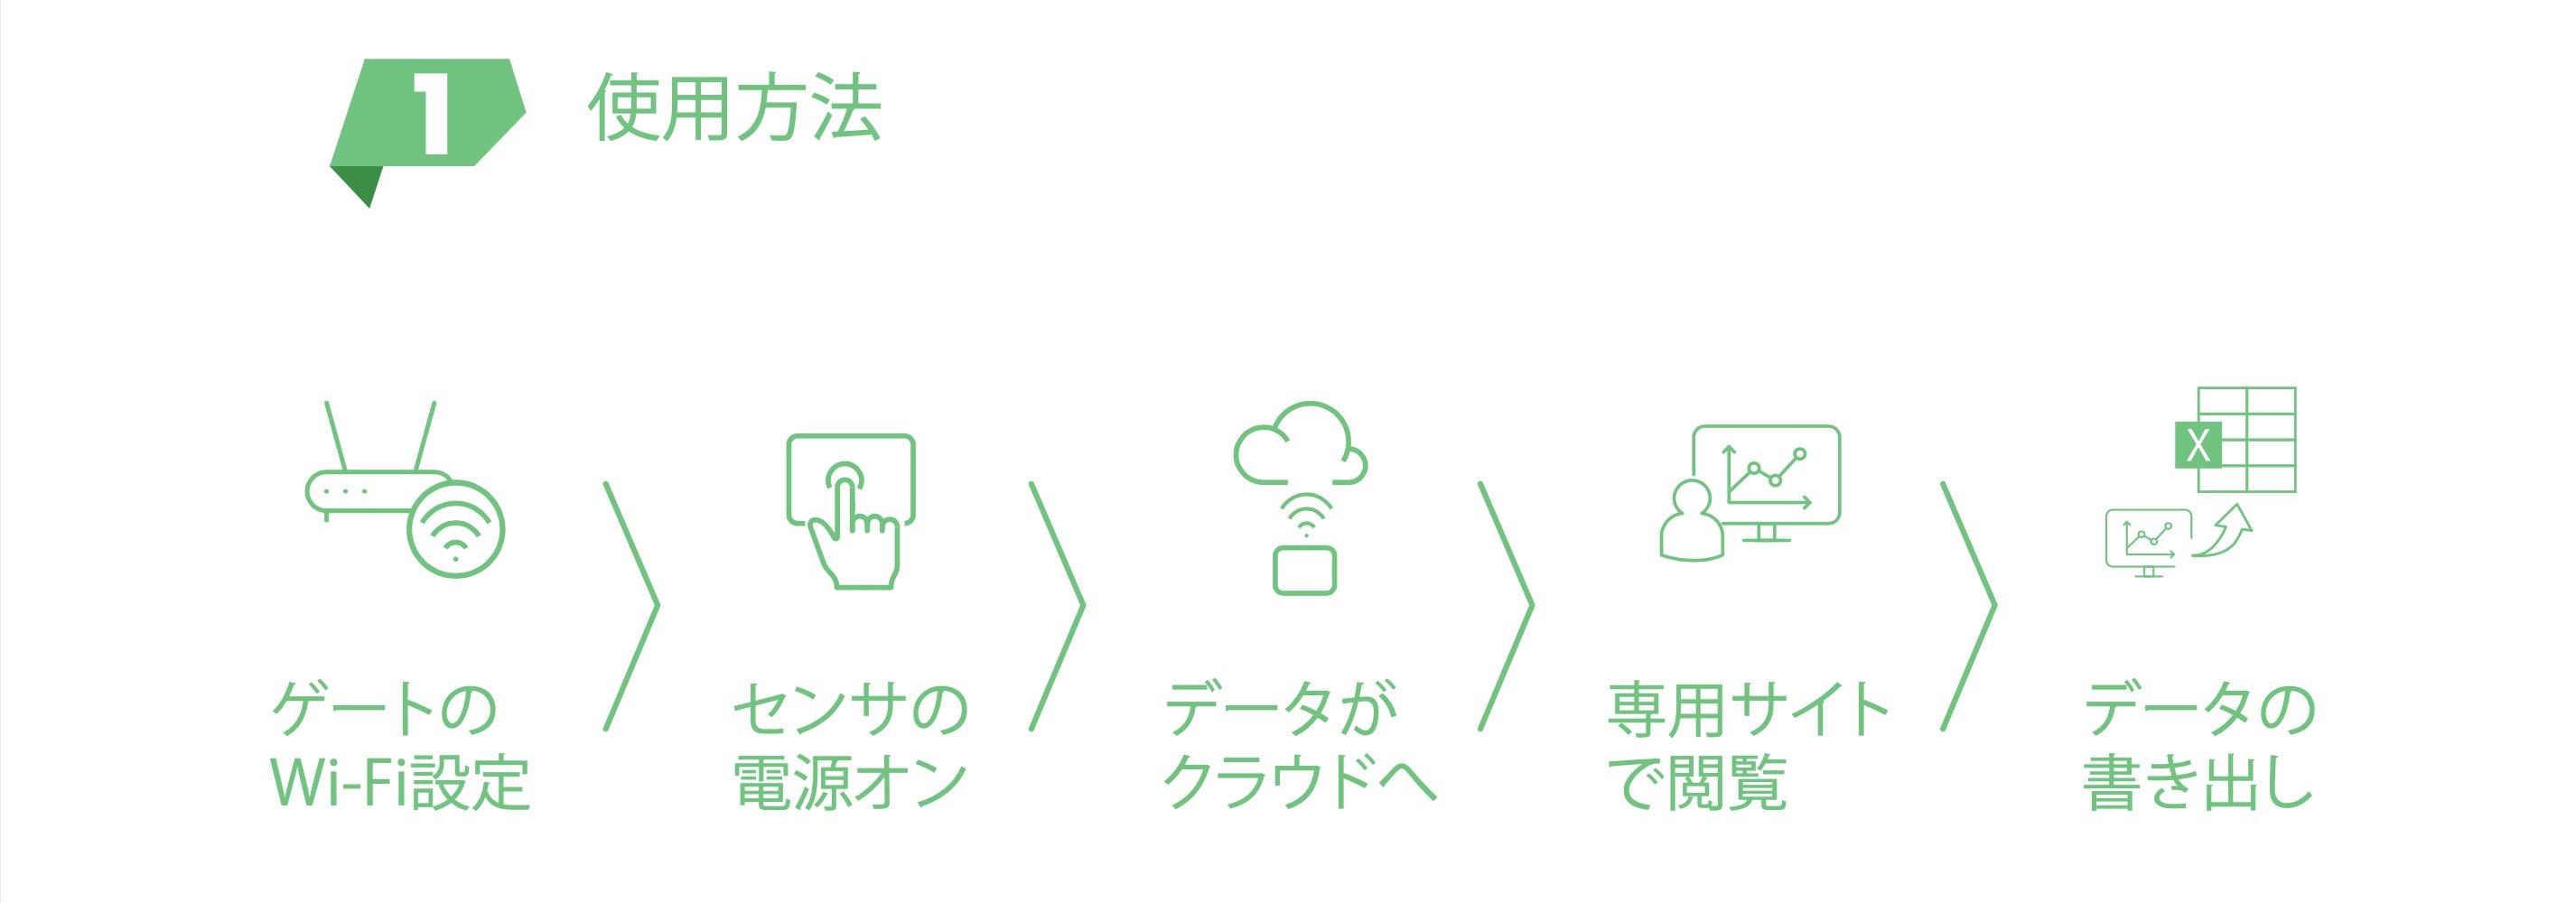 使用方法はゲートのwifi設定、センサの電源をon、データがクラウドへ上がり専用サイトで観覧